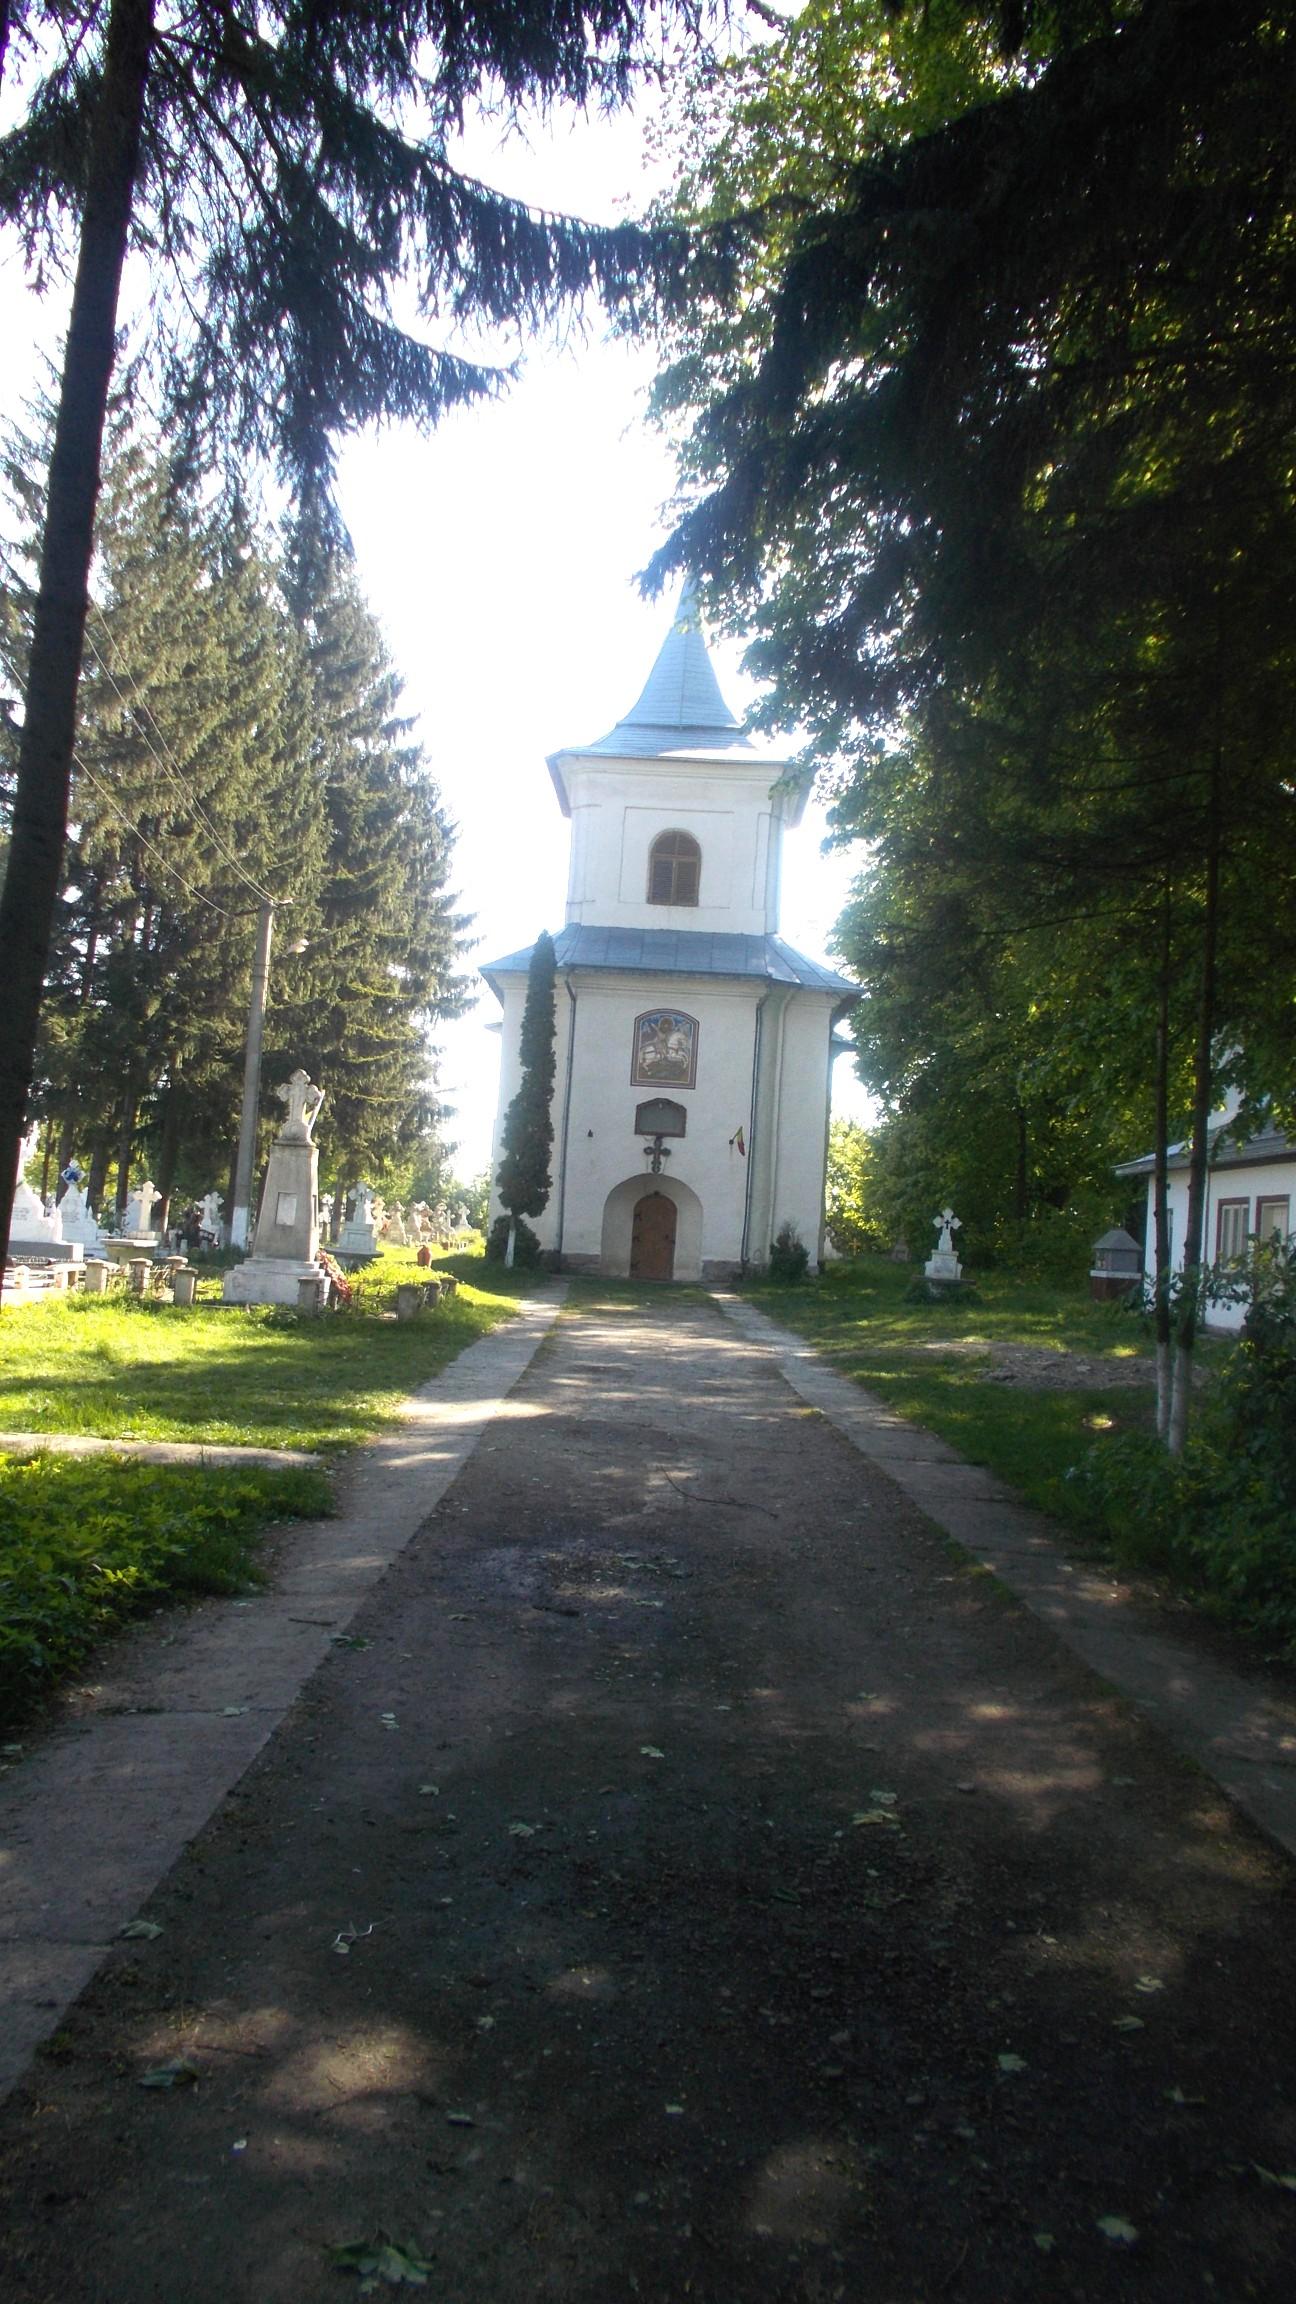 Biserica Sfântul Gheorghe din Costâna, construită în 1811-1812 de George şi Ioan de Cărste